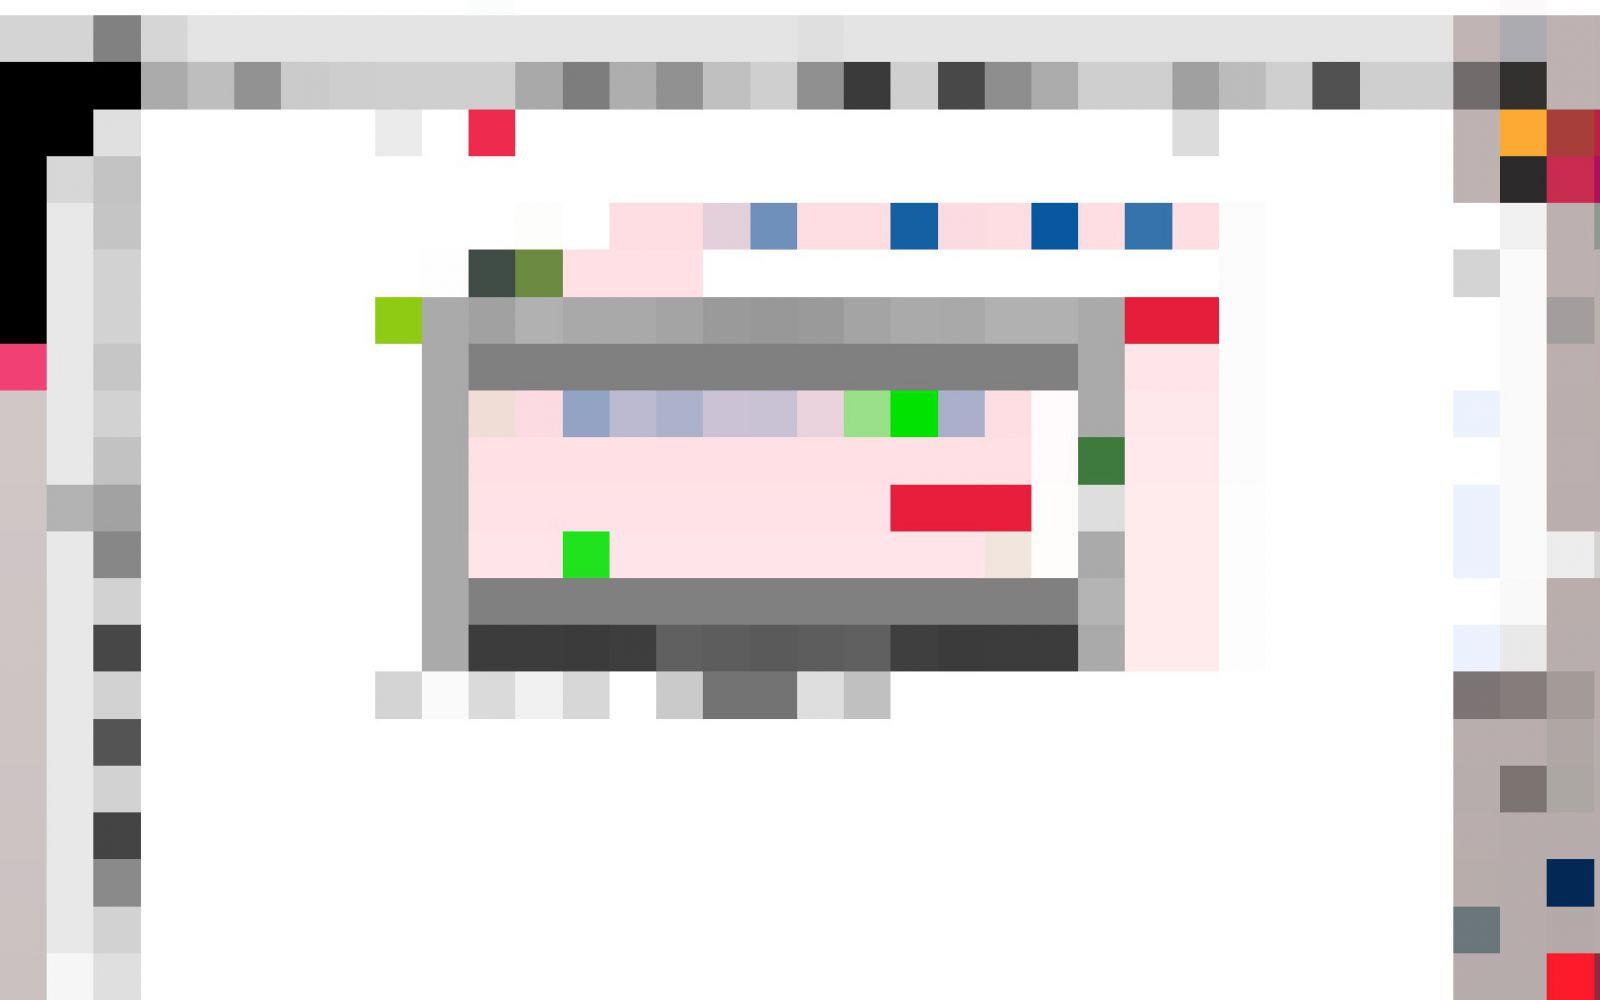 11-1-3_8-25-2009-screenshot-d4bc35d75ef4dc9b1a406d657b63d82c